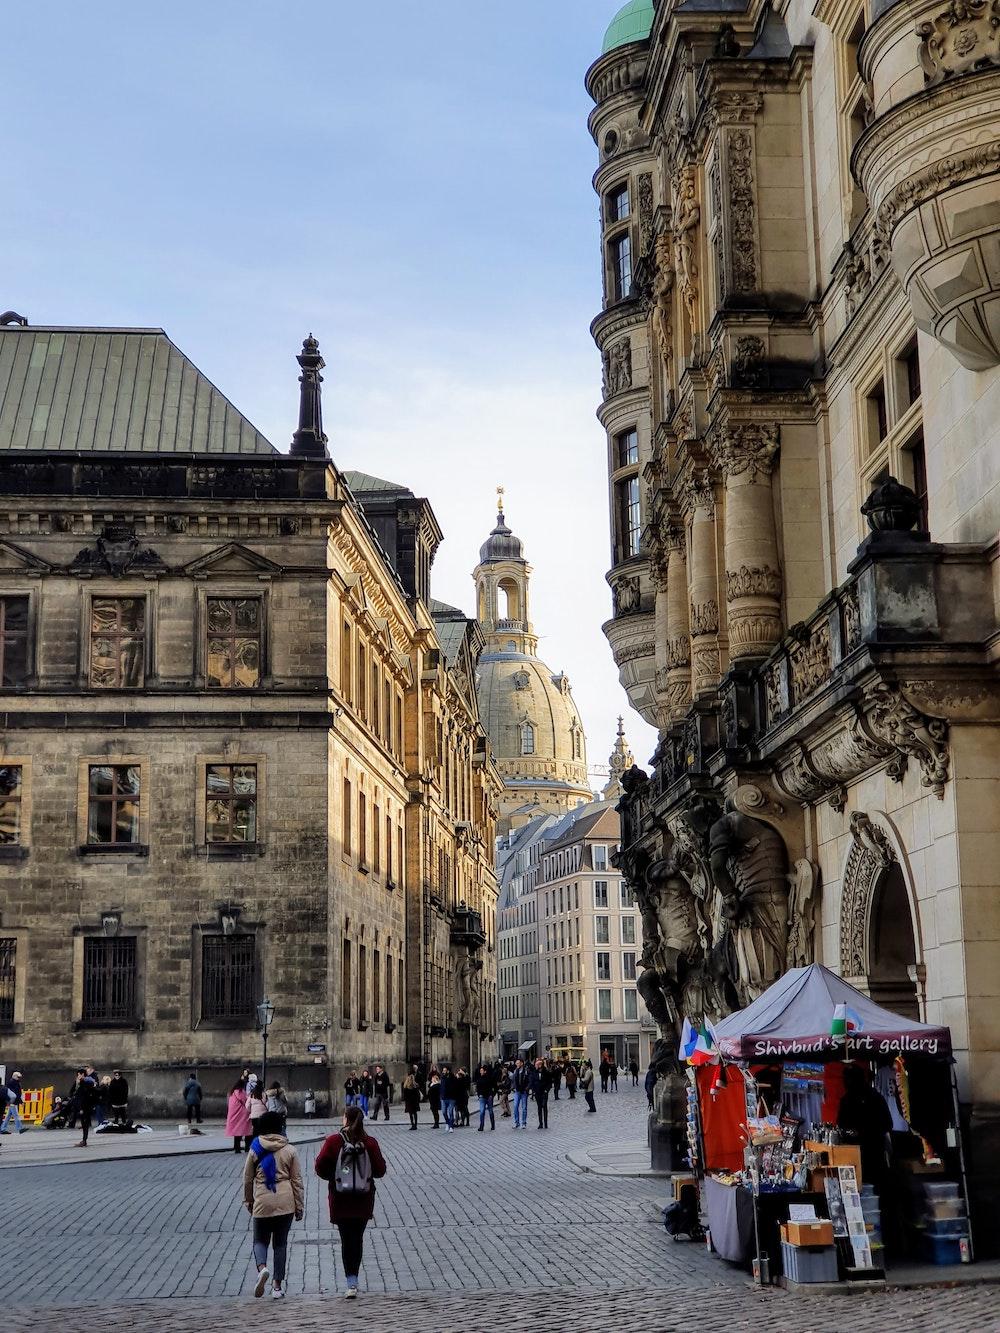 Frauenkirche Dresdener Zwinger Altstadt Sehenswürdigkeiten